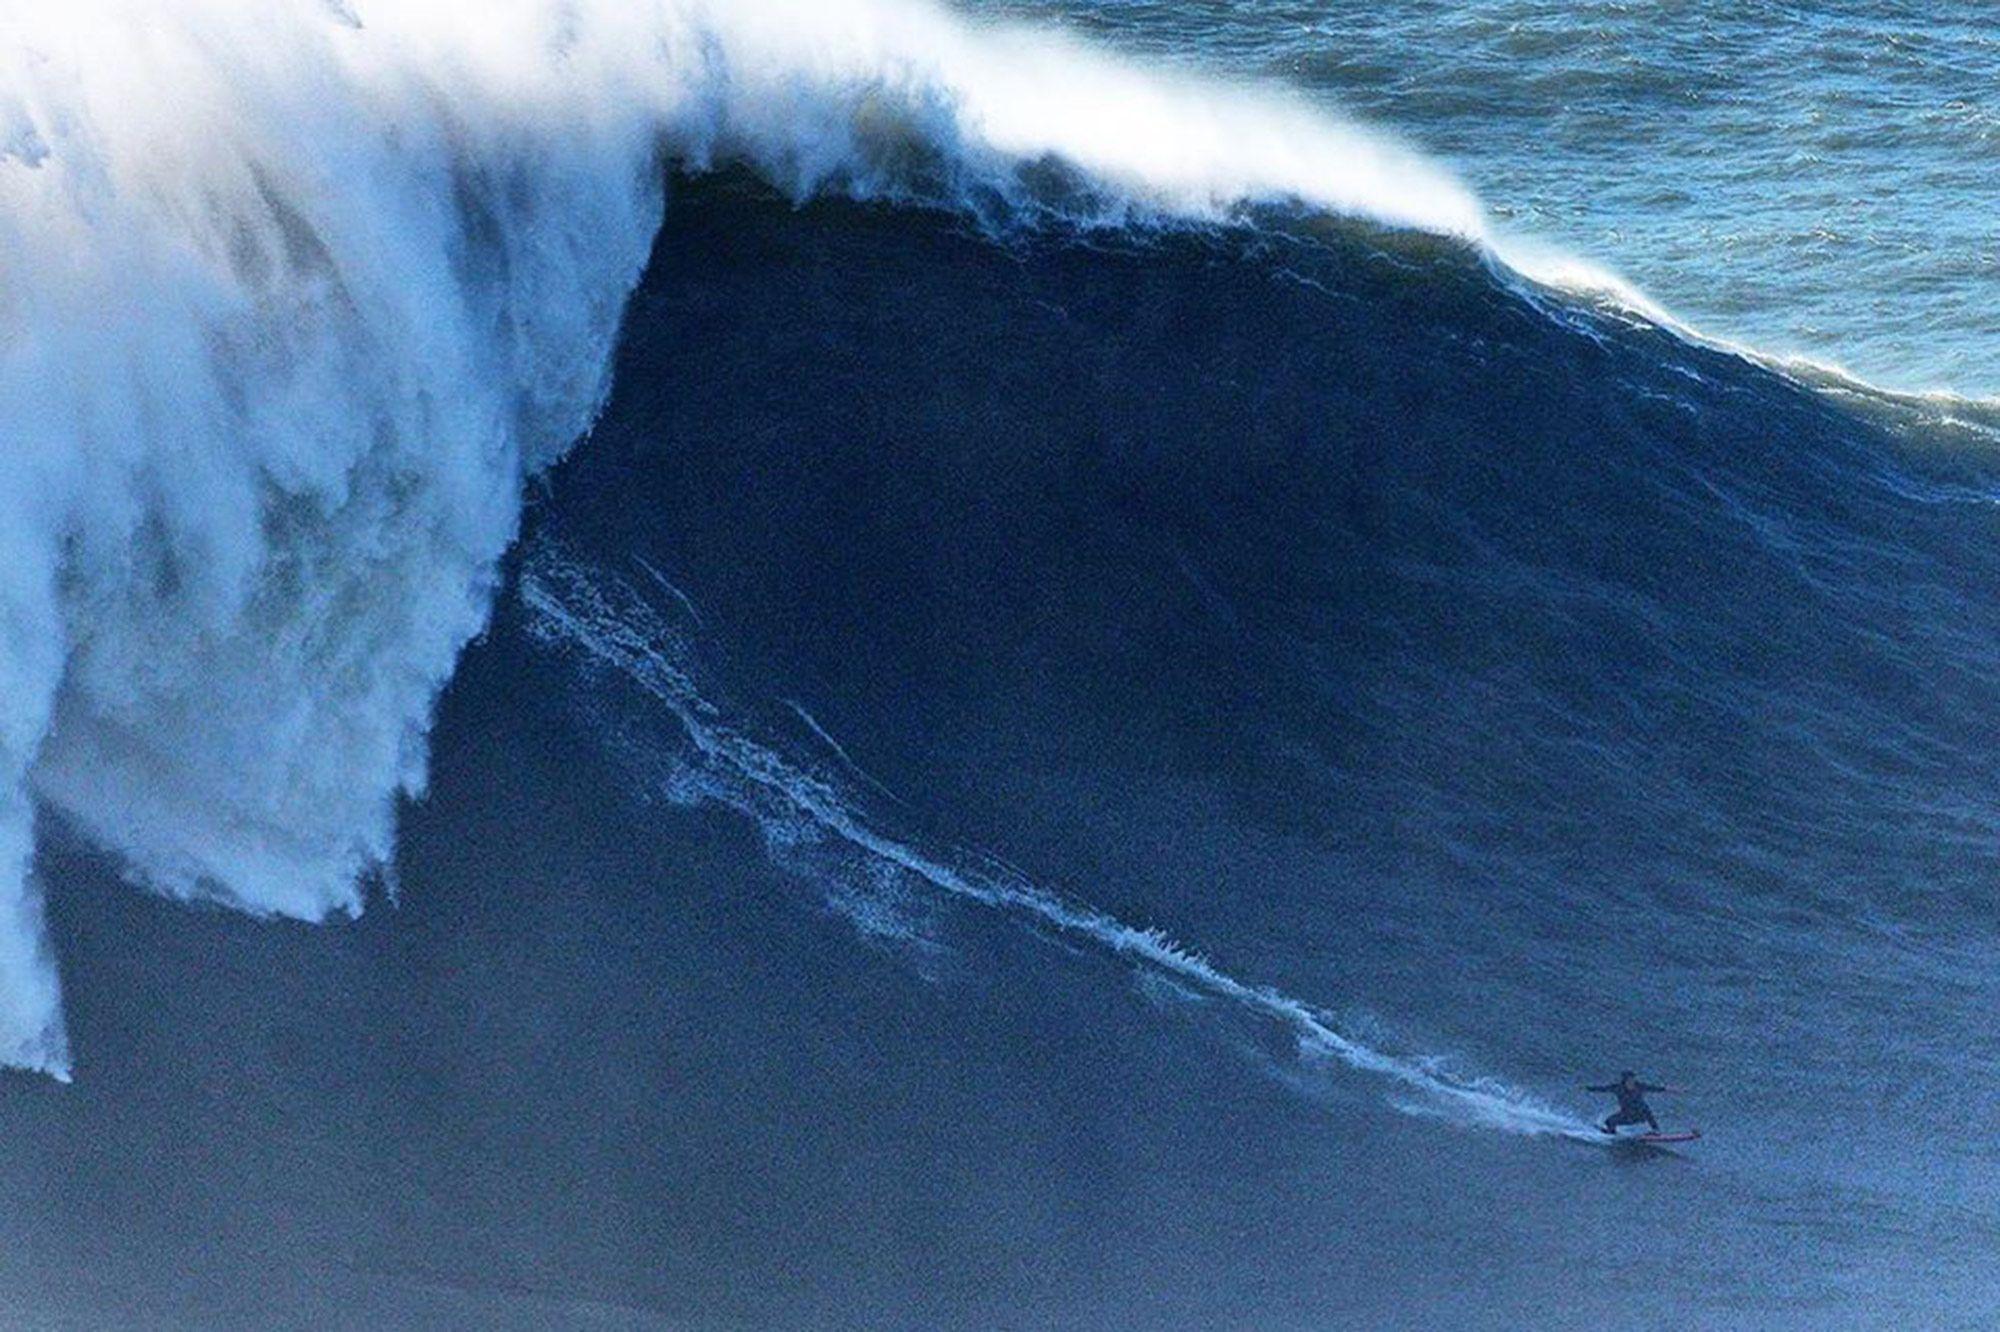 Un an après sa blessure, Justine Dupont surfe la plus grosse vague de sa vie à Nazaré